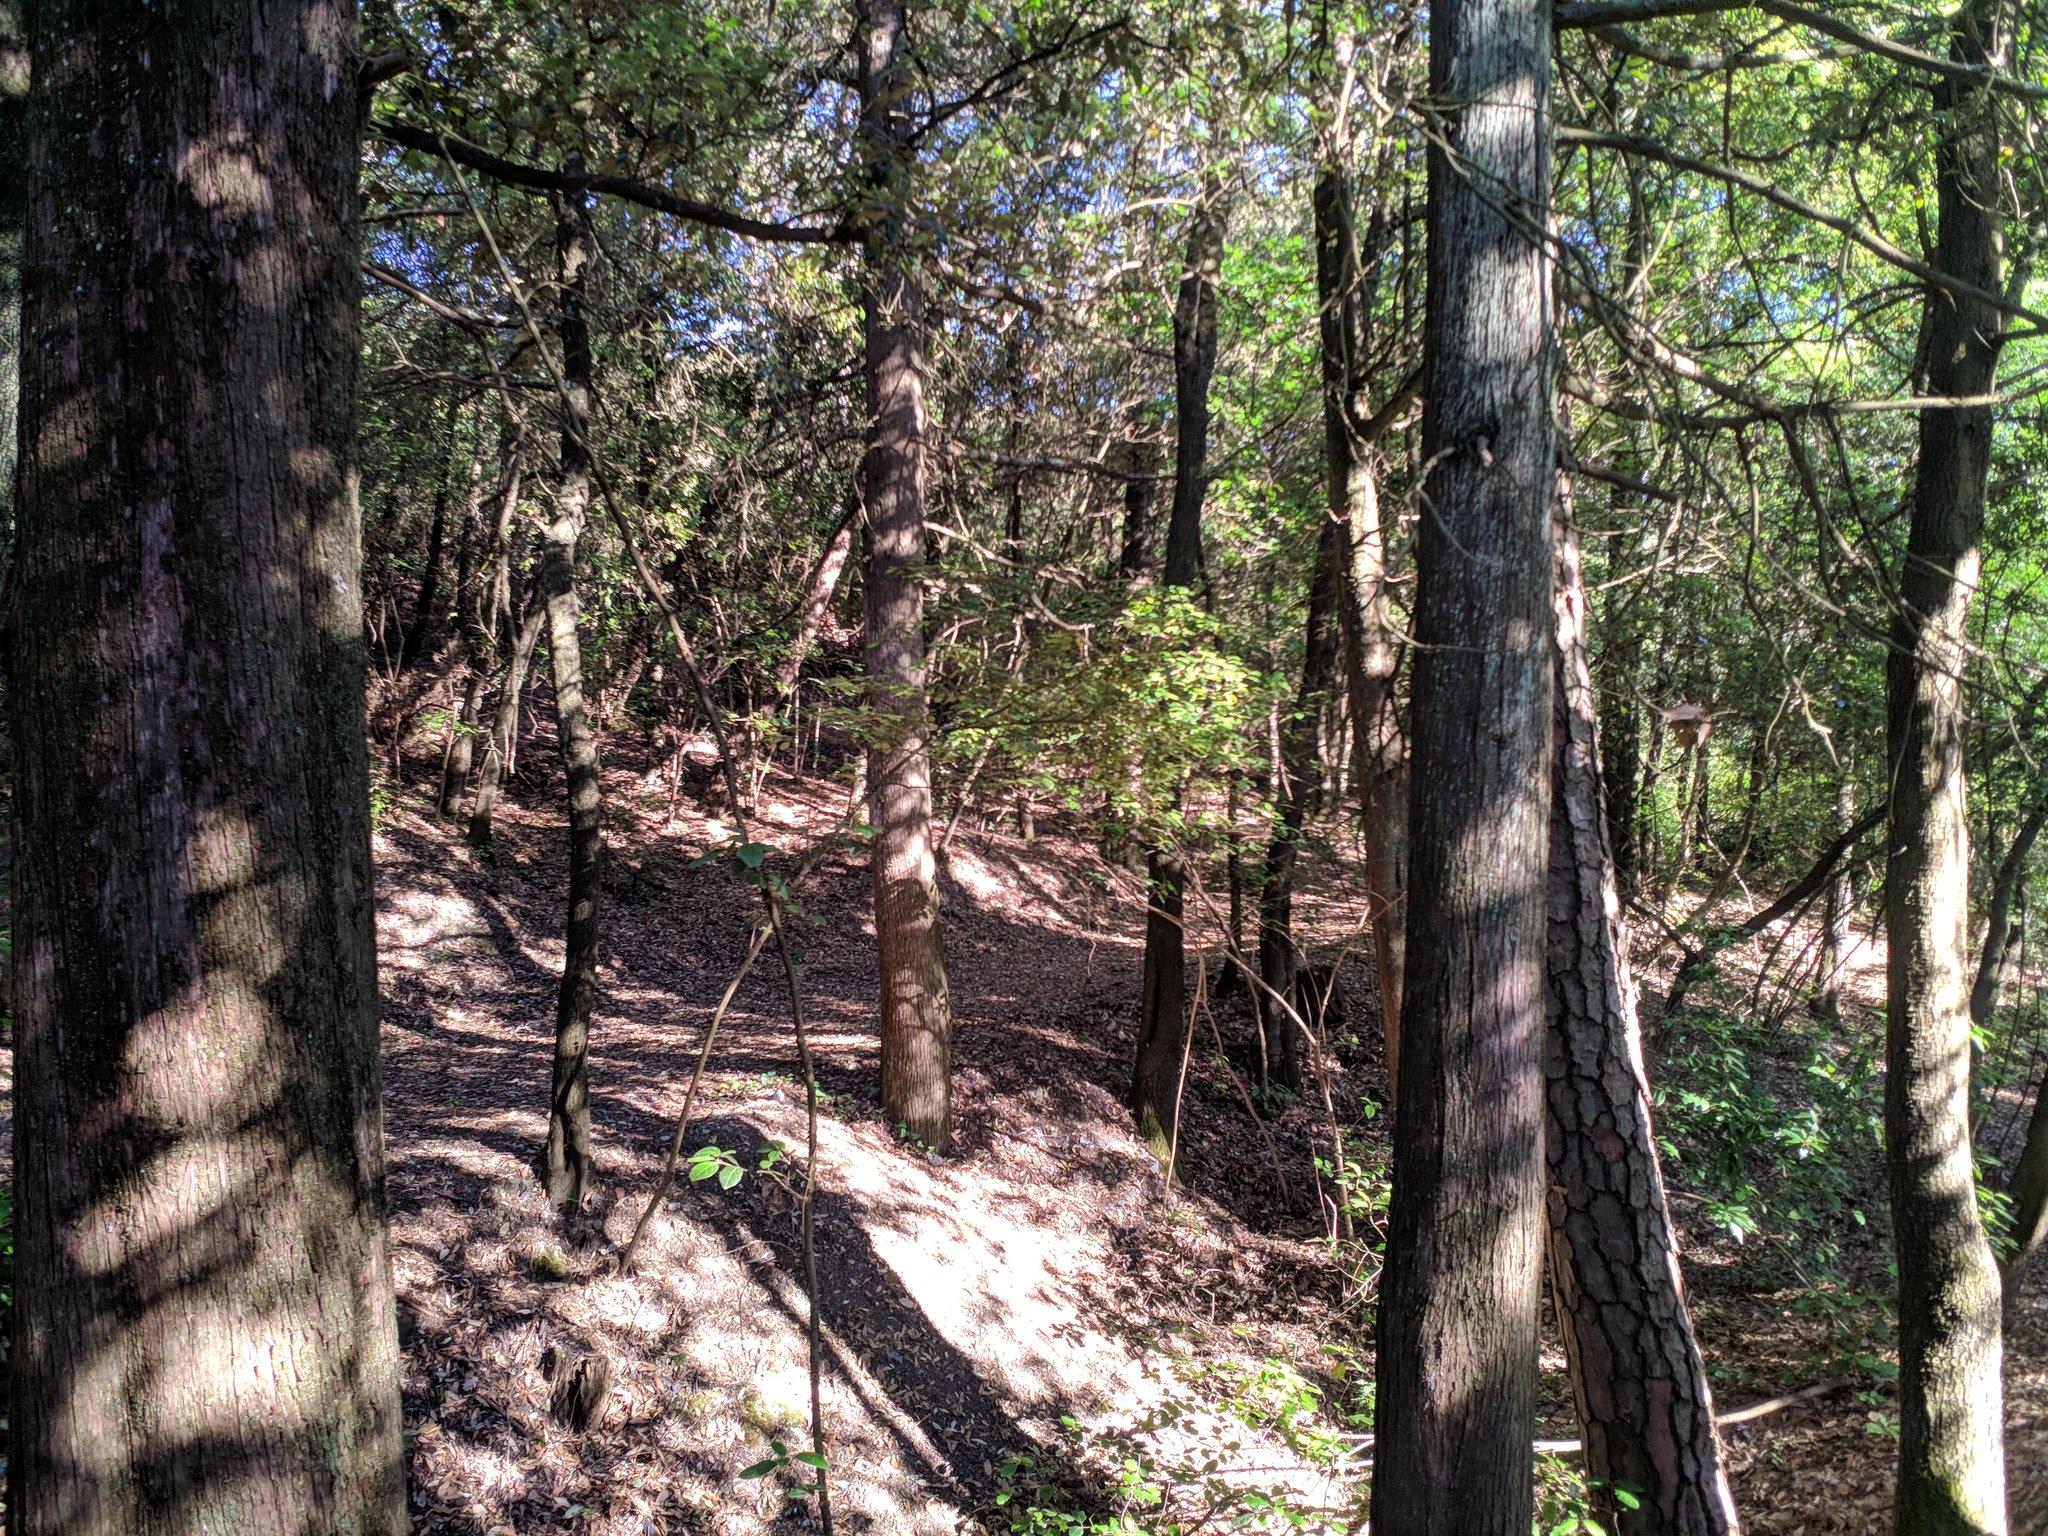 alcune parti risultano poco manutenute e la boscaglia sembra lasciata a se stessa